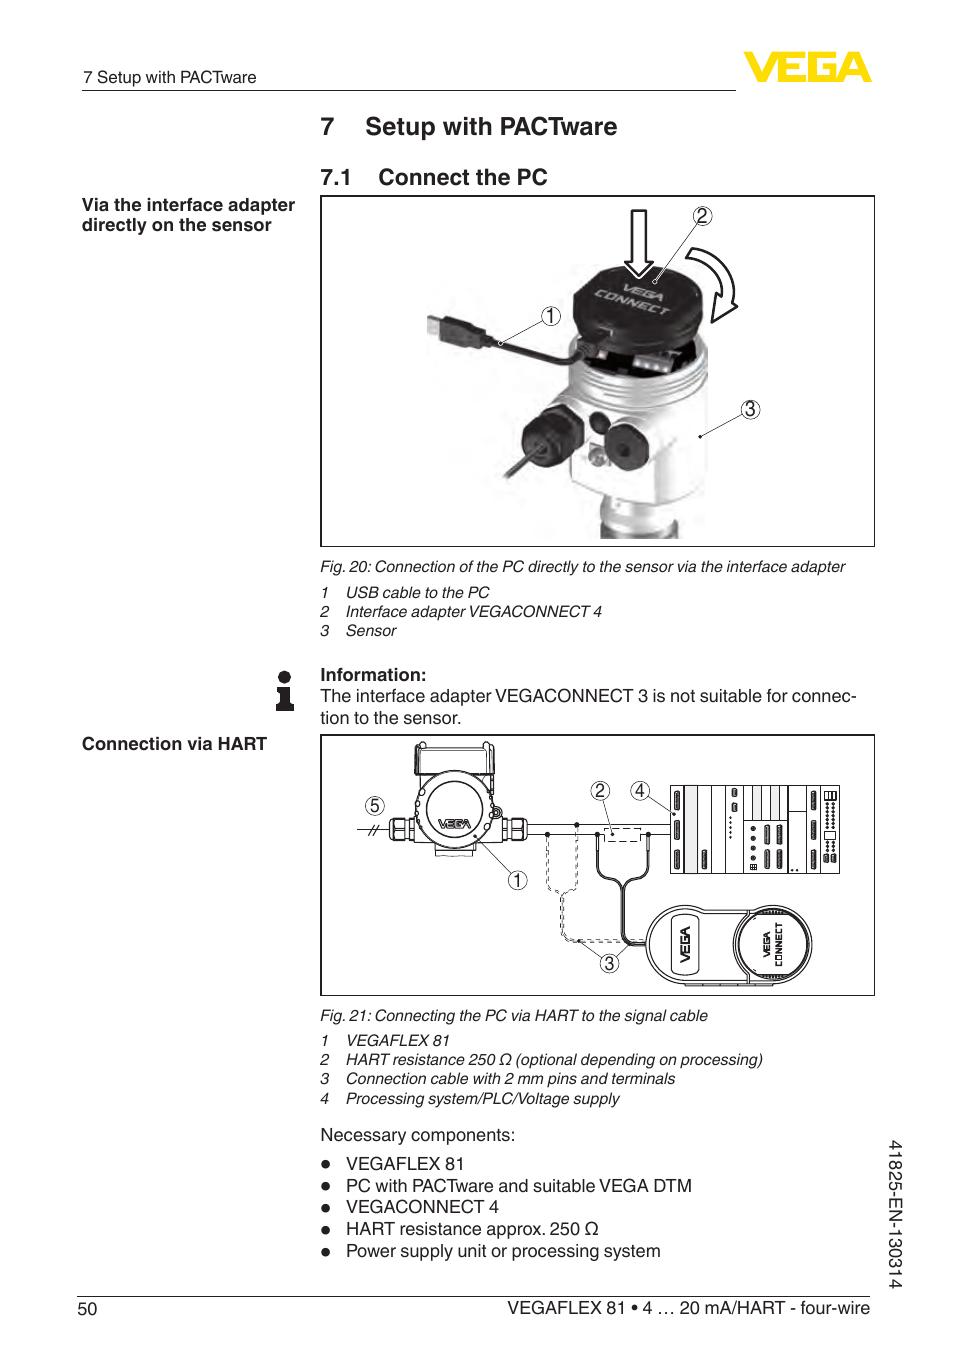 7 setup with pactware, 1 connect the pc | VEGA VEGAFLEX 81 4 … 20 ...